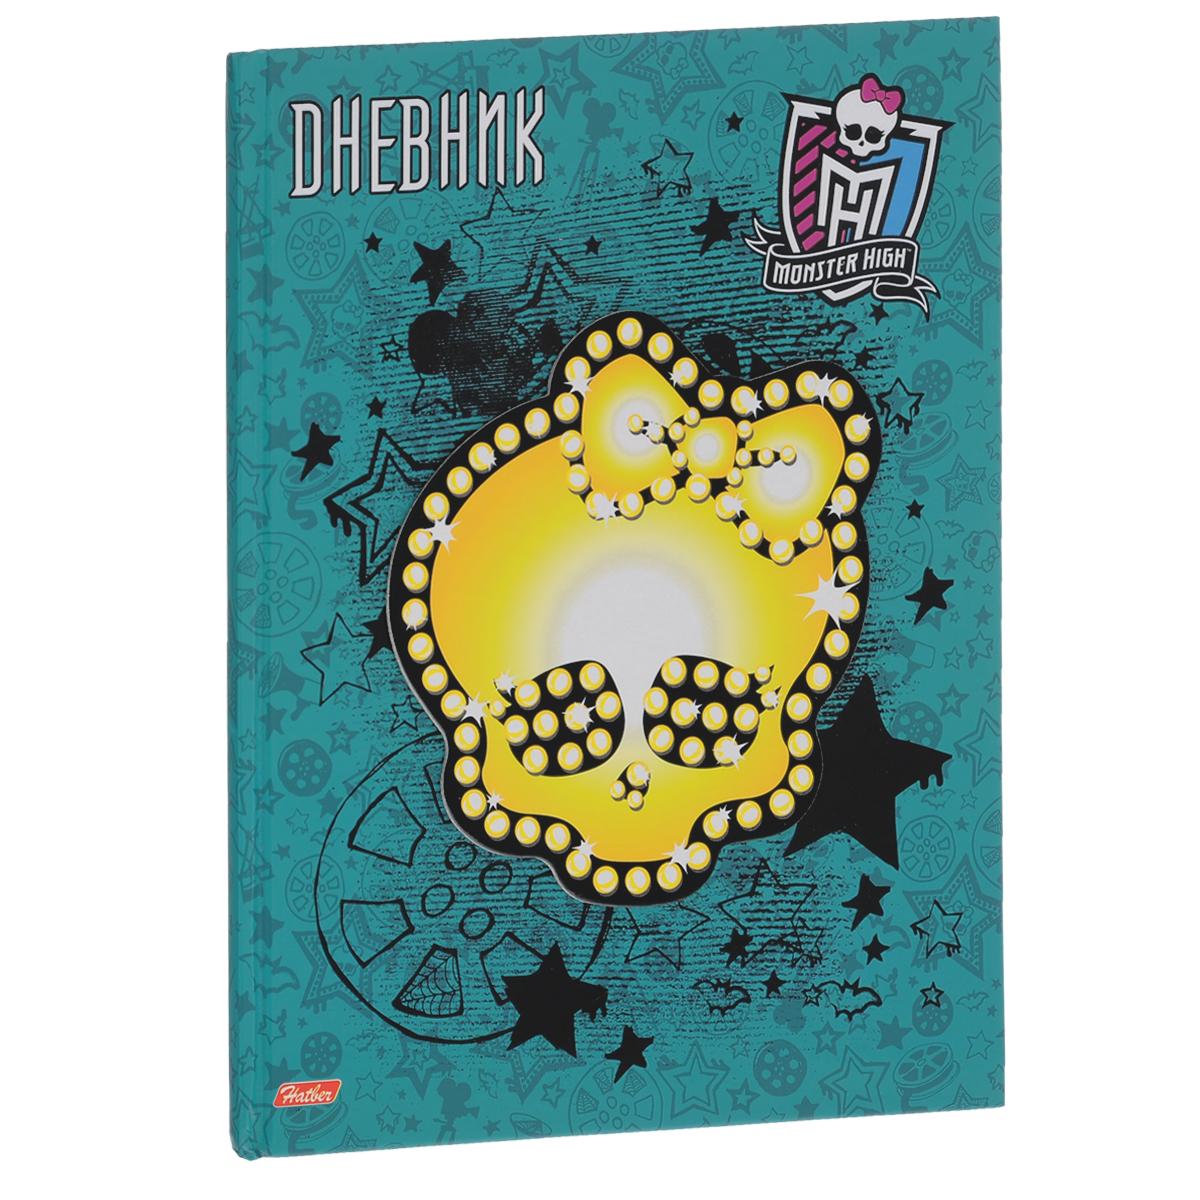 Дневник школьный Hatber Monster High, цвет: зеленый, желтый. 40ДТ5B_1220440ДТ5B_12204Дневник школьный Hatber Monster High ламинирован пленкой ПВХ для большей жесткости и долговечности. Обложка твердая, с объемной наклейкой из картона в виде черепа. Крепление в дневнике сшитое. Внутренний блок выполнен из качественной бумаги белого цвета с четкой линовкой синего цвета. В структуру дневника входят все необходимые разделы: информация о школе и педагогах, расписание занятий и факультативов по четвертям. На последней странице для итоговых оценок незаполненные графы изучаемых предметов. Дневник - это первый ежедневник вашего ребенка. Он поможет ему не забыть свои задания, а вы всегда сможете проконтролировать его успеваемость.